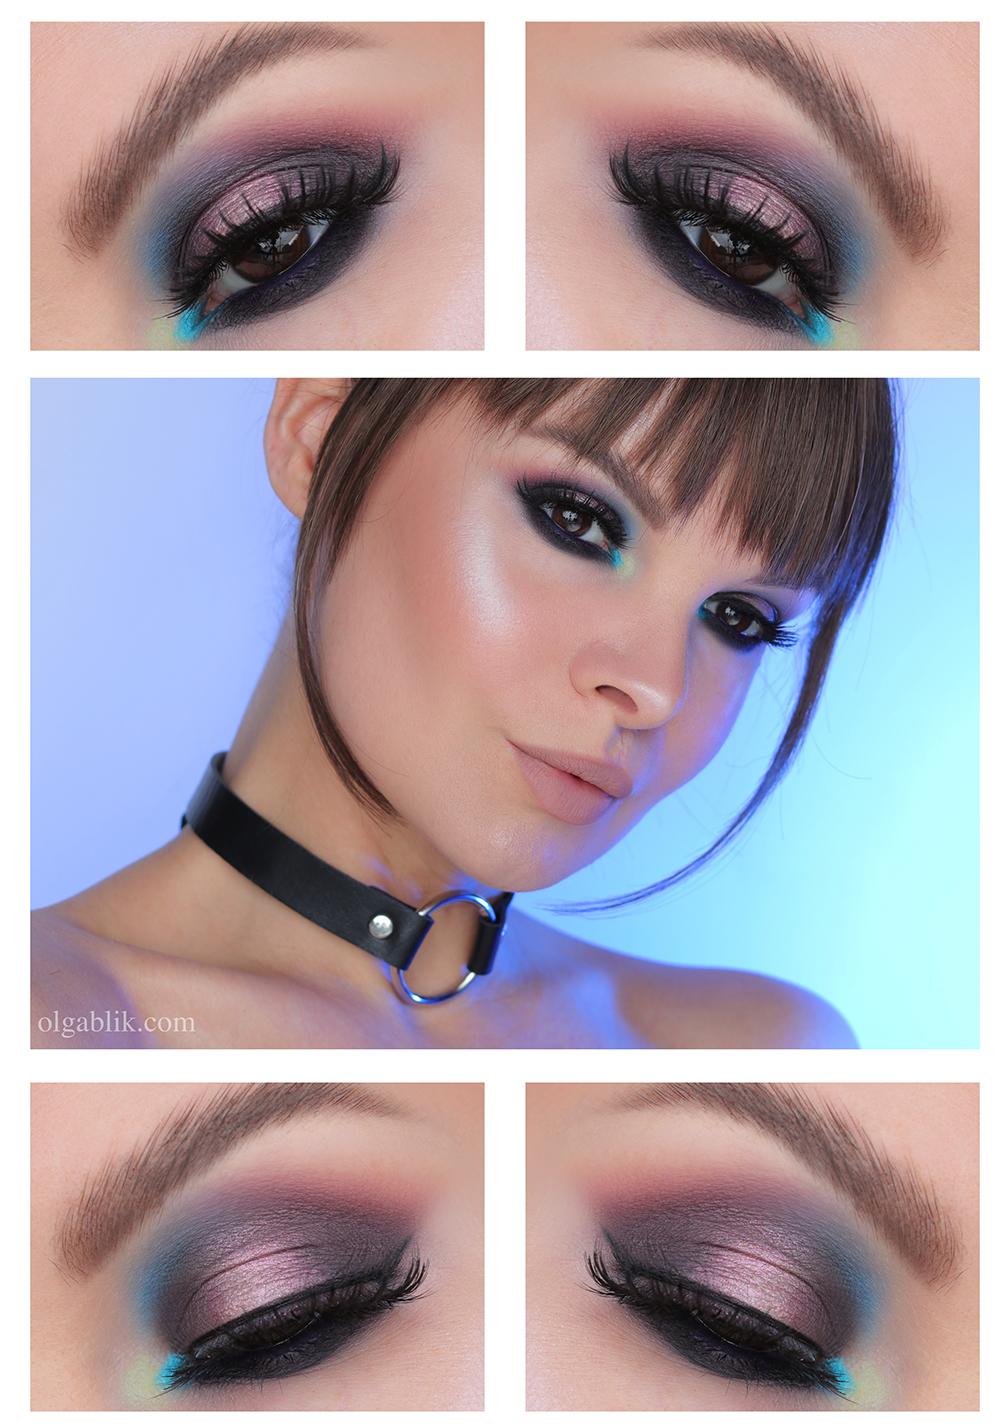 Макияж глаз Smoky Eyes, макияж глаз фото, Смоки Айс макияж глаз